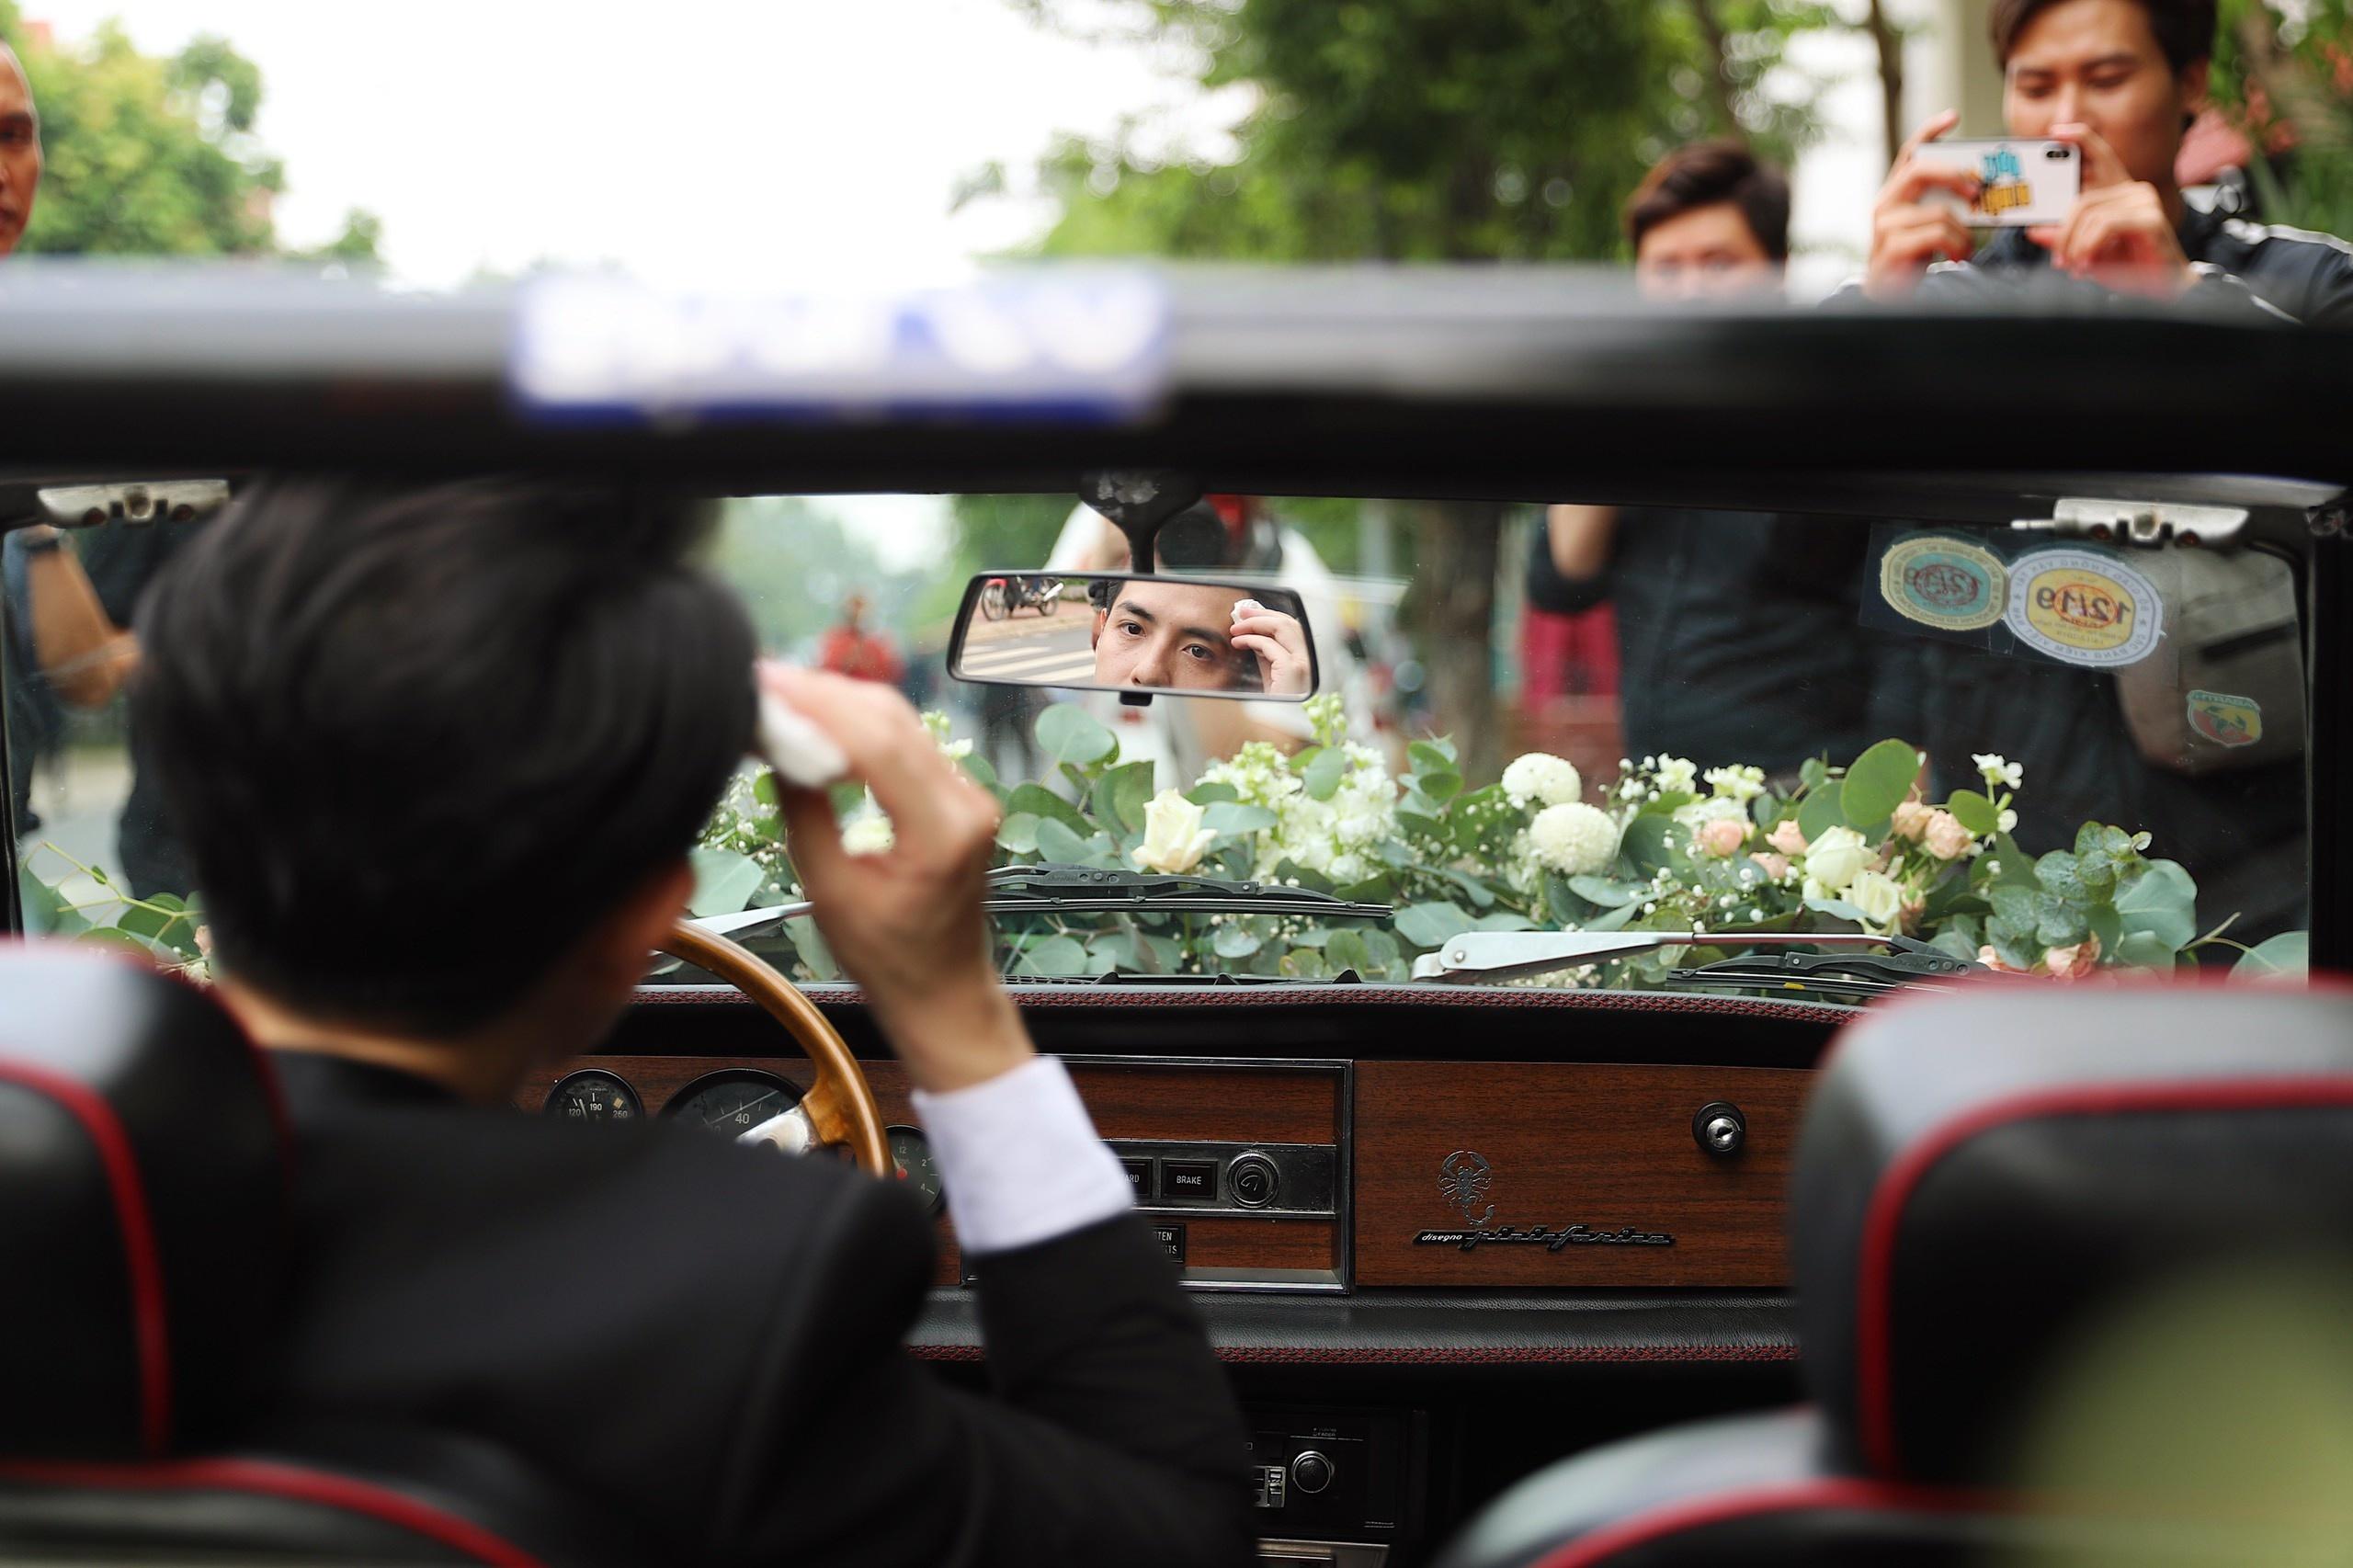 Le an hoi nao dong duong pho cua Dong Nhi - Ong Cao Thang hinh anh 30